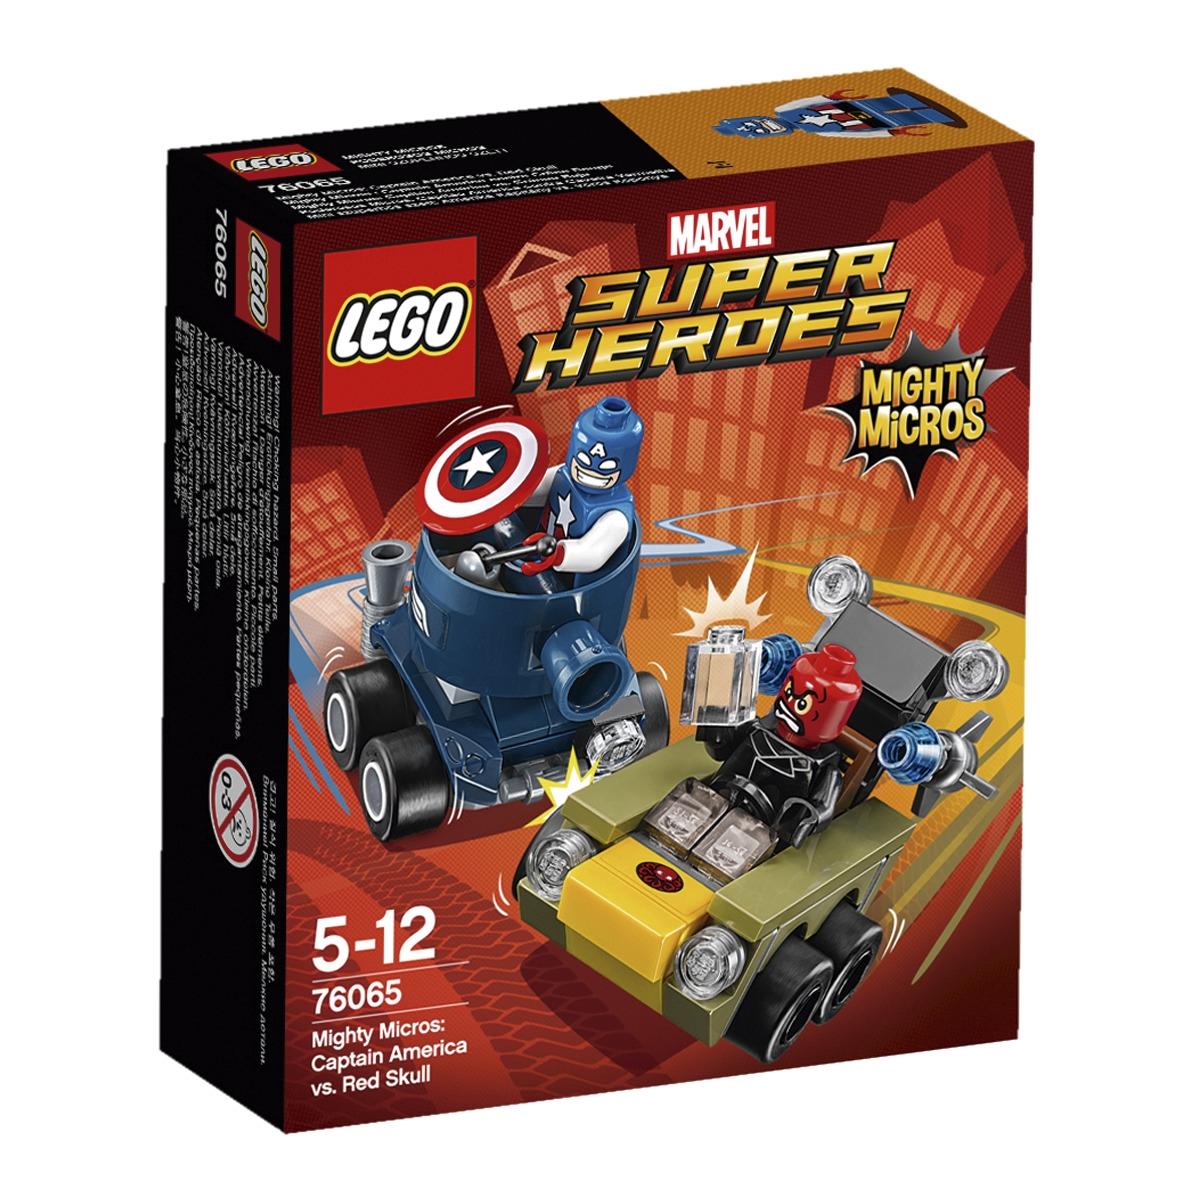 Liquidación Lego con descuentos de hasta el 40%